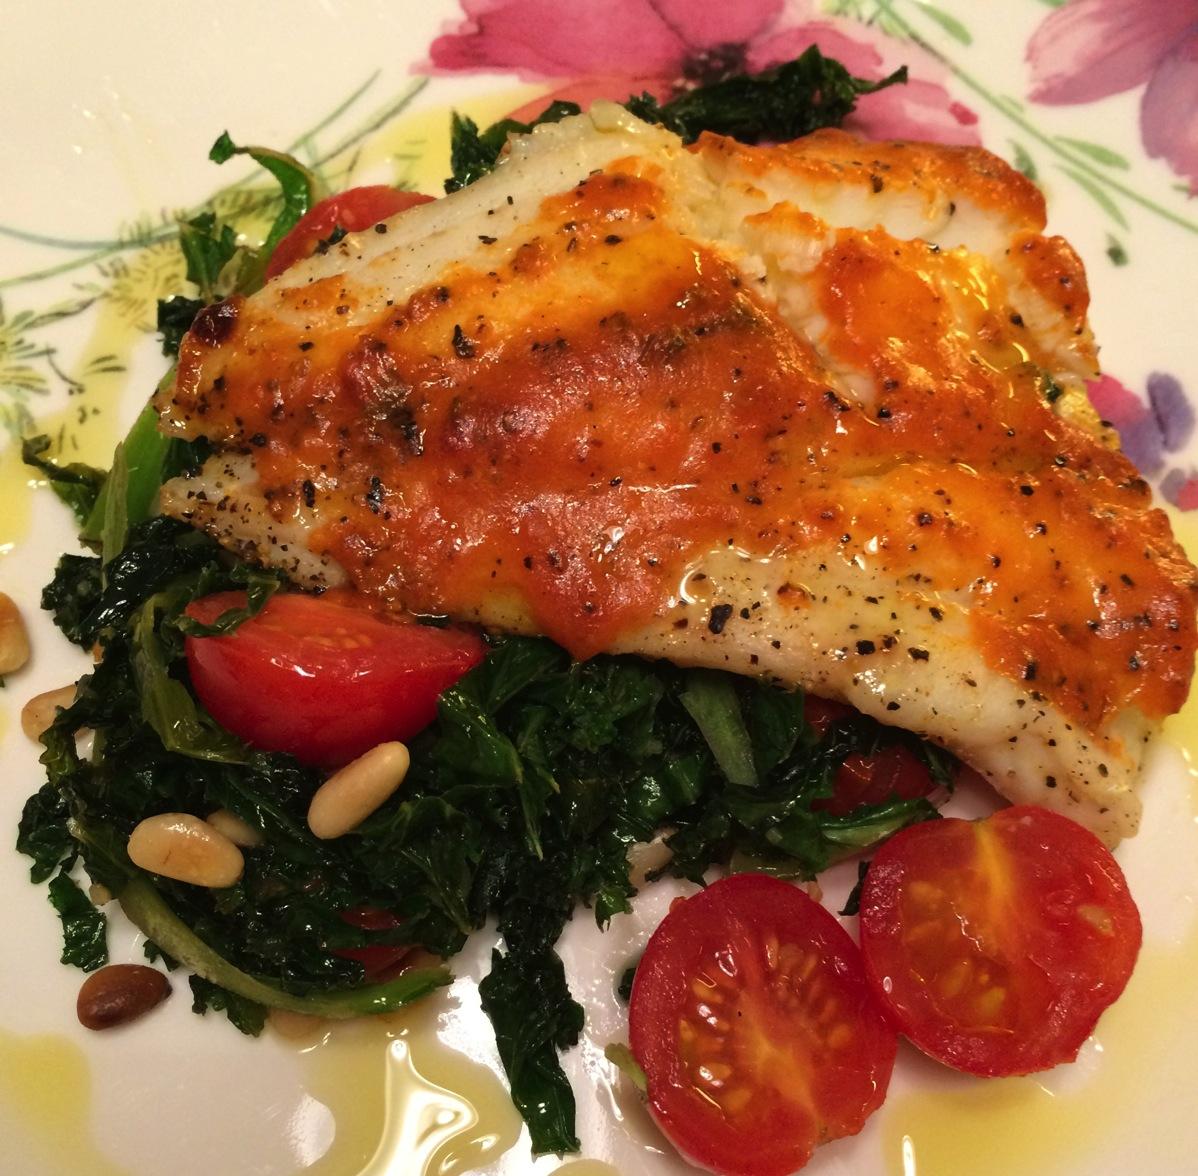 Torskefilét med grønnkål, tomater og pesto